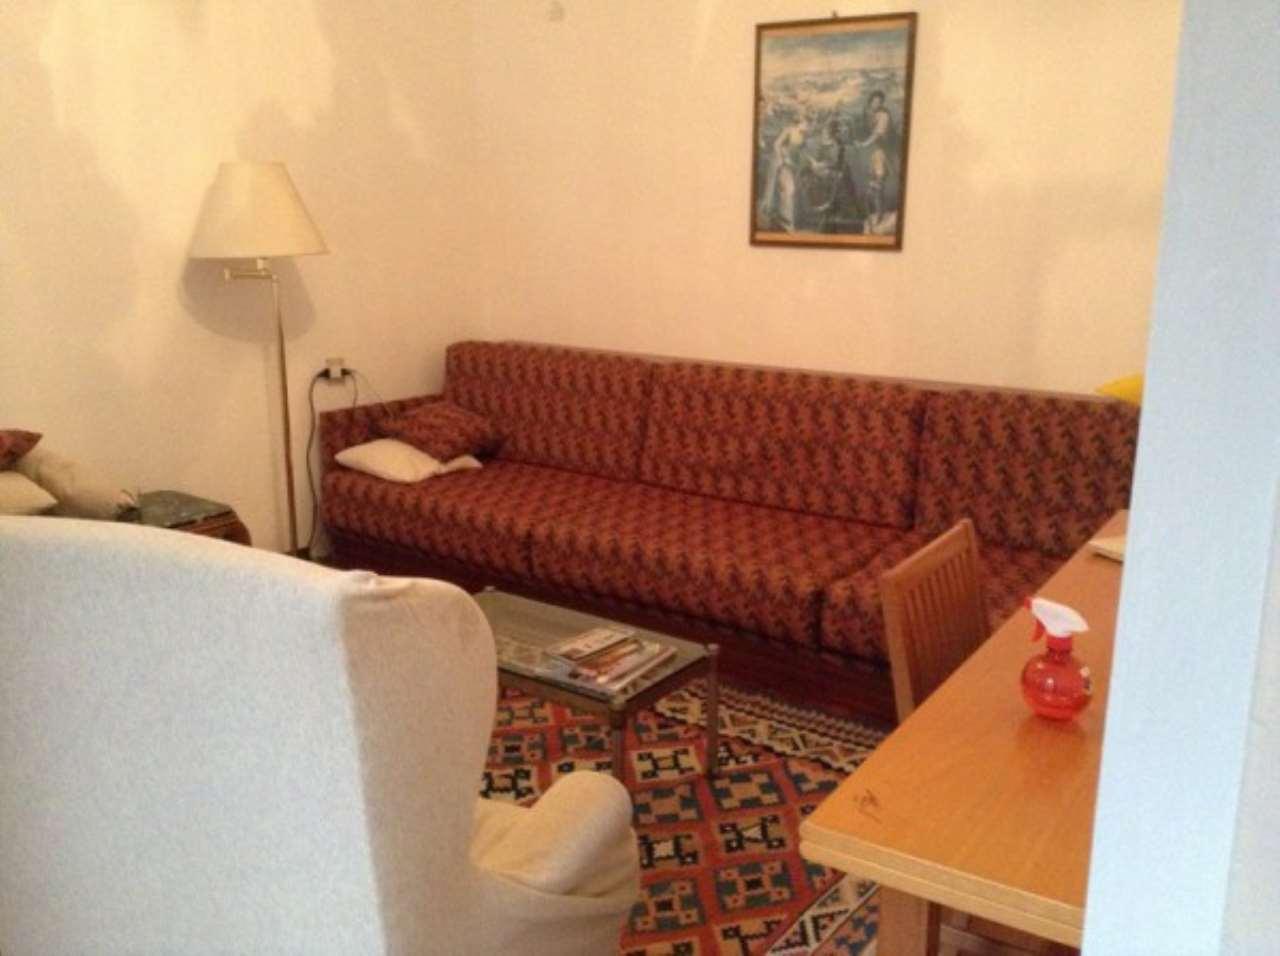 Appartamento in vendita a Venezia, 1 locali, zona Zona: 4 . Castello, prezzo € 250.000 | Cambio Casa.it